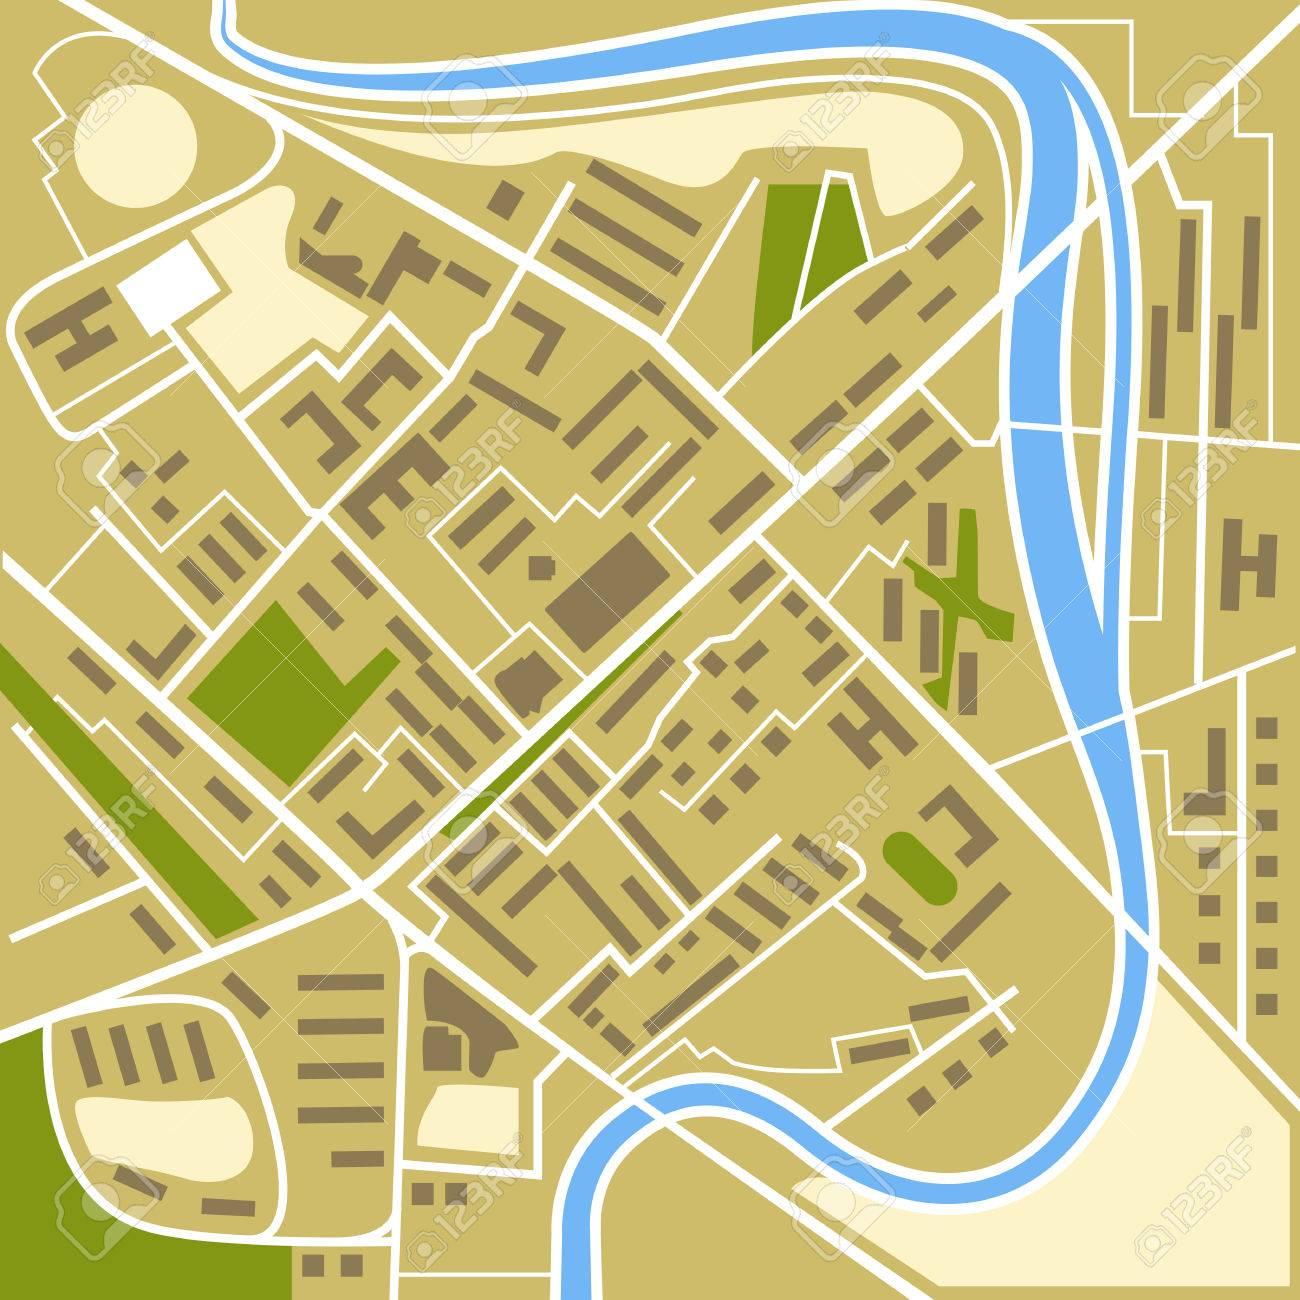 抽象的な都市地図イラストのイラスト素材ベクタ Image 31400659